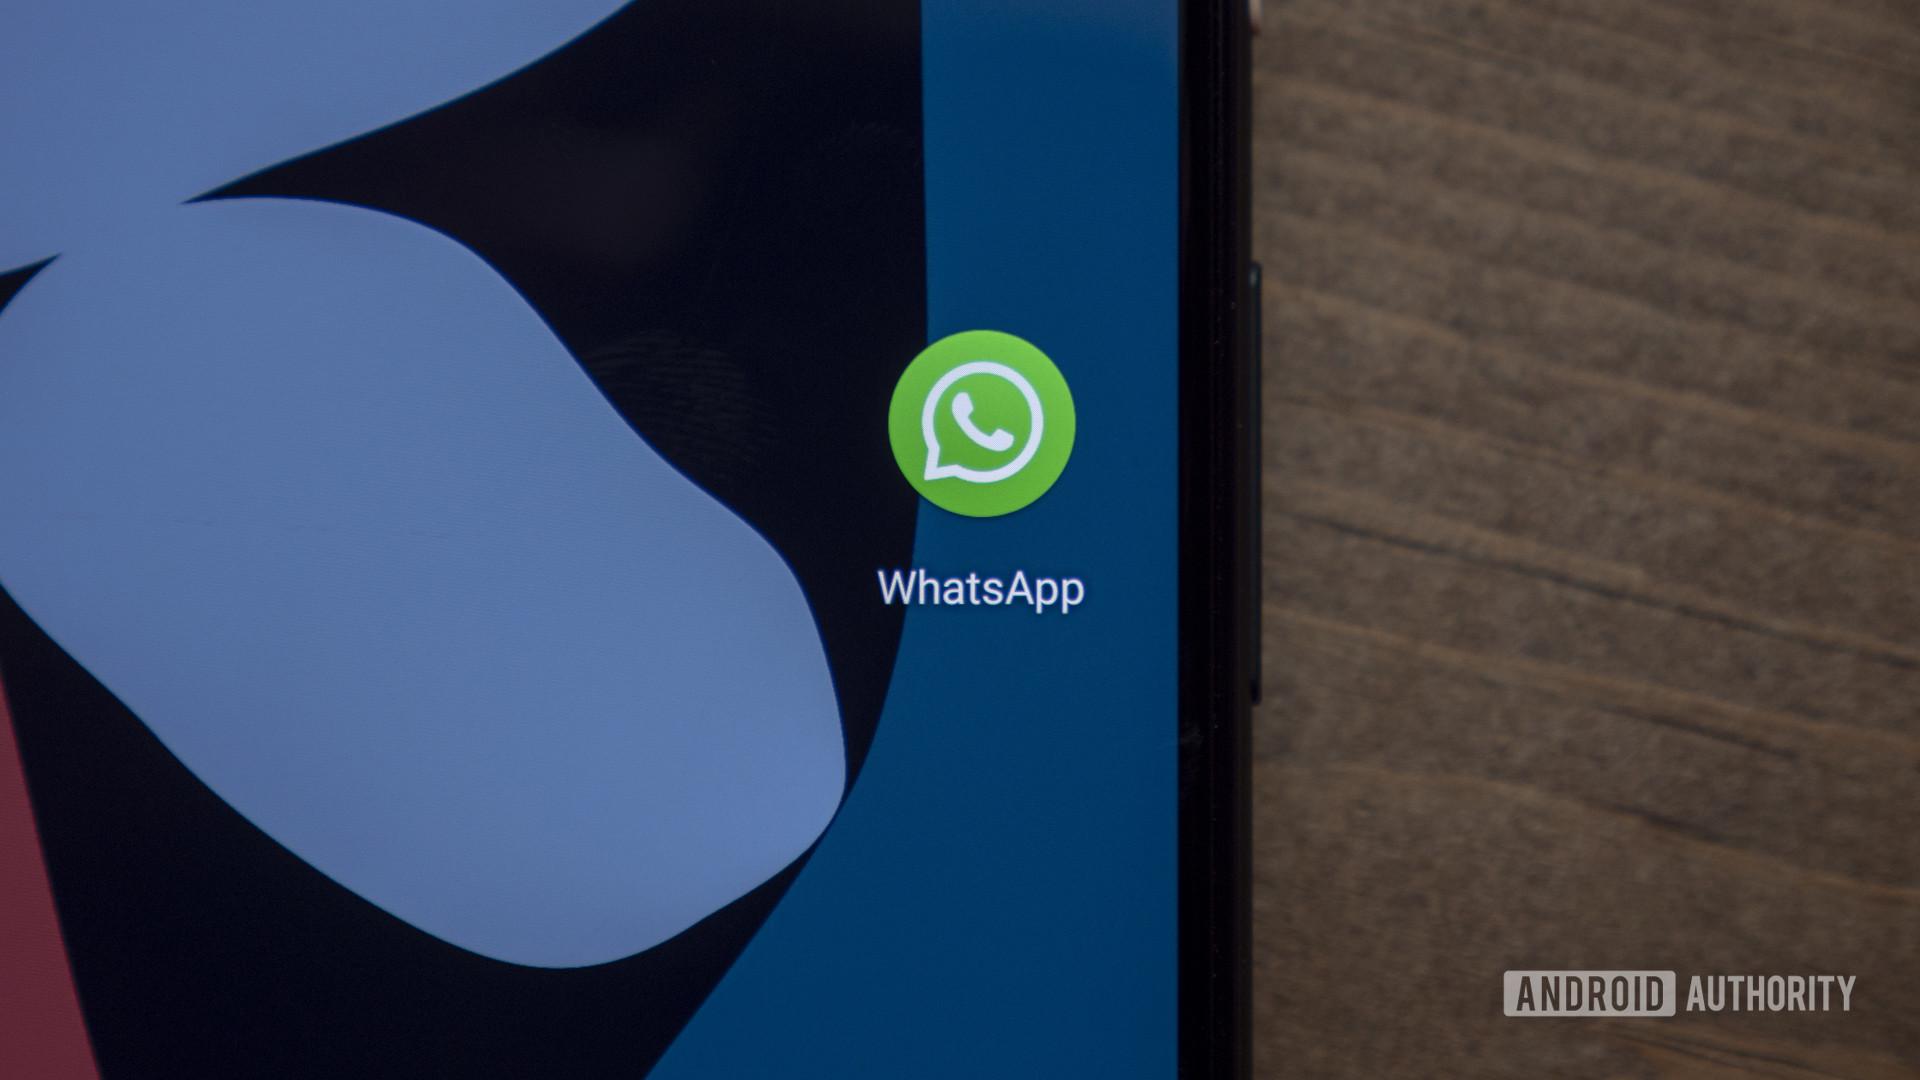 Если вы пользуетесь старым телефоном на базе Android, WhatsApp может скоро перестать работать на вашем устройстве